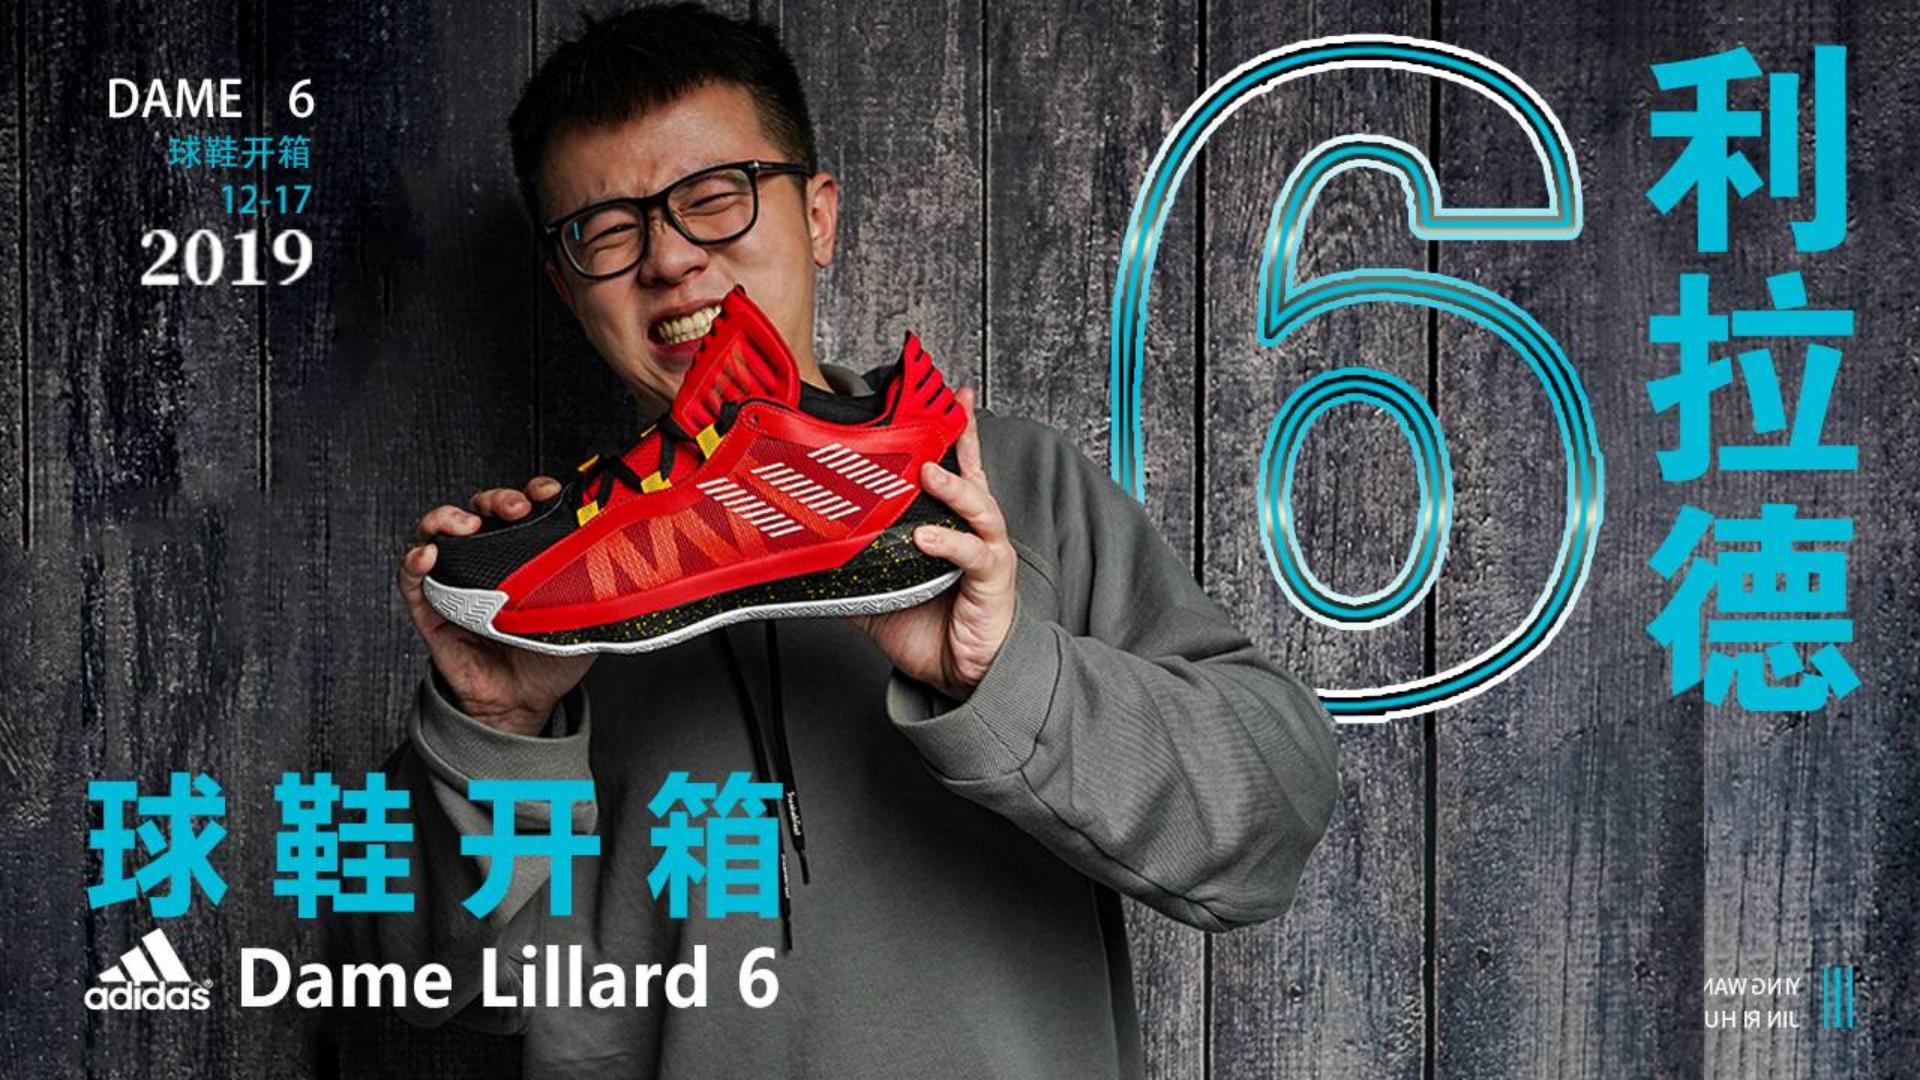 利拉德6开箱:球鞋颜值讨喜,价格不像是阿迪!